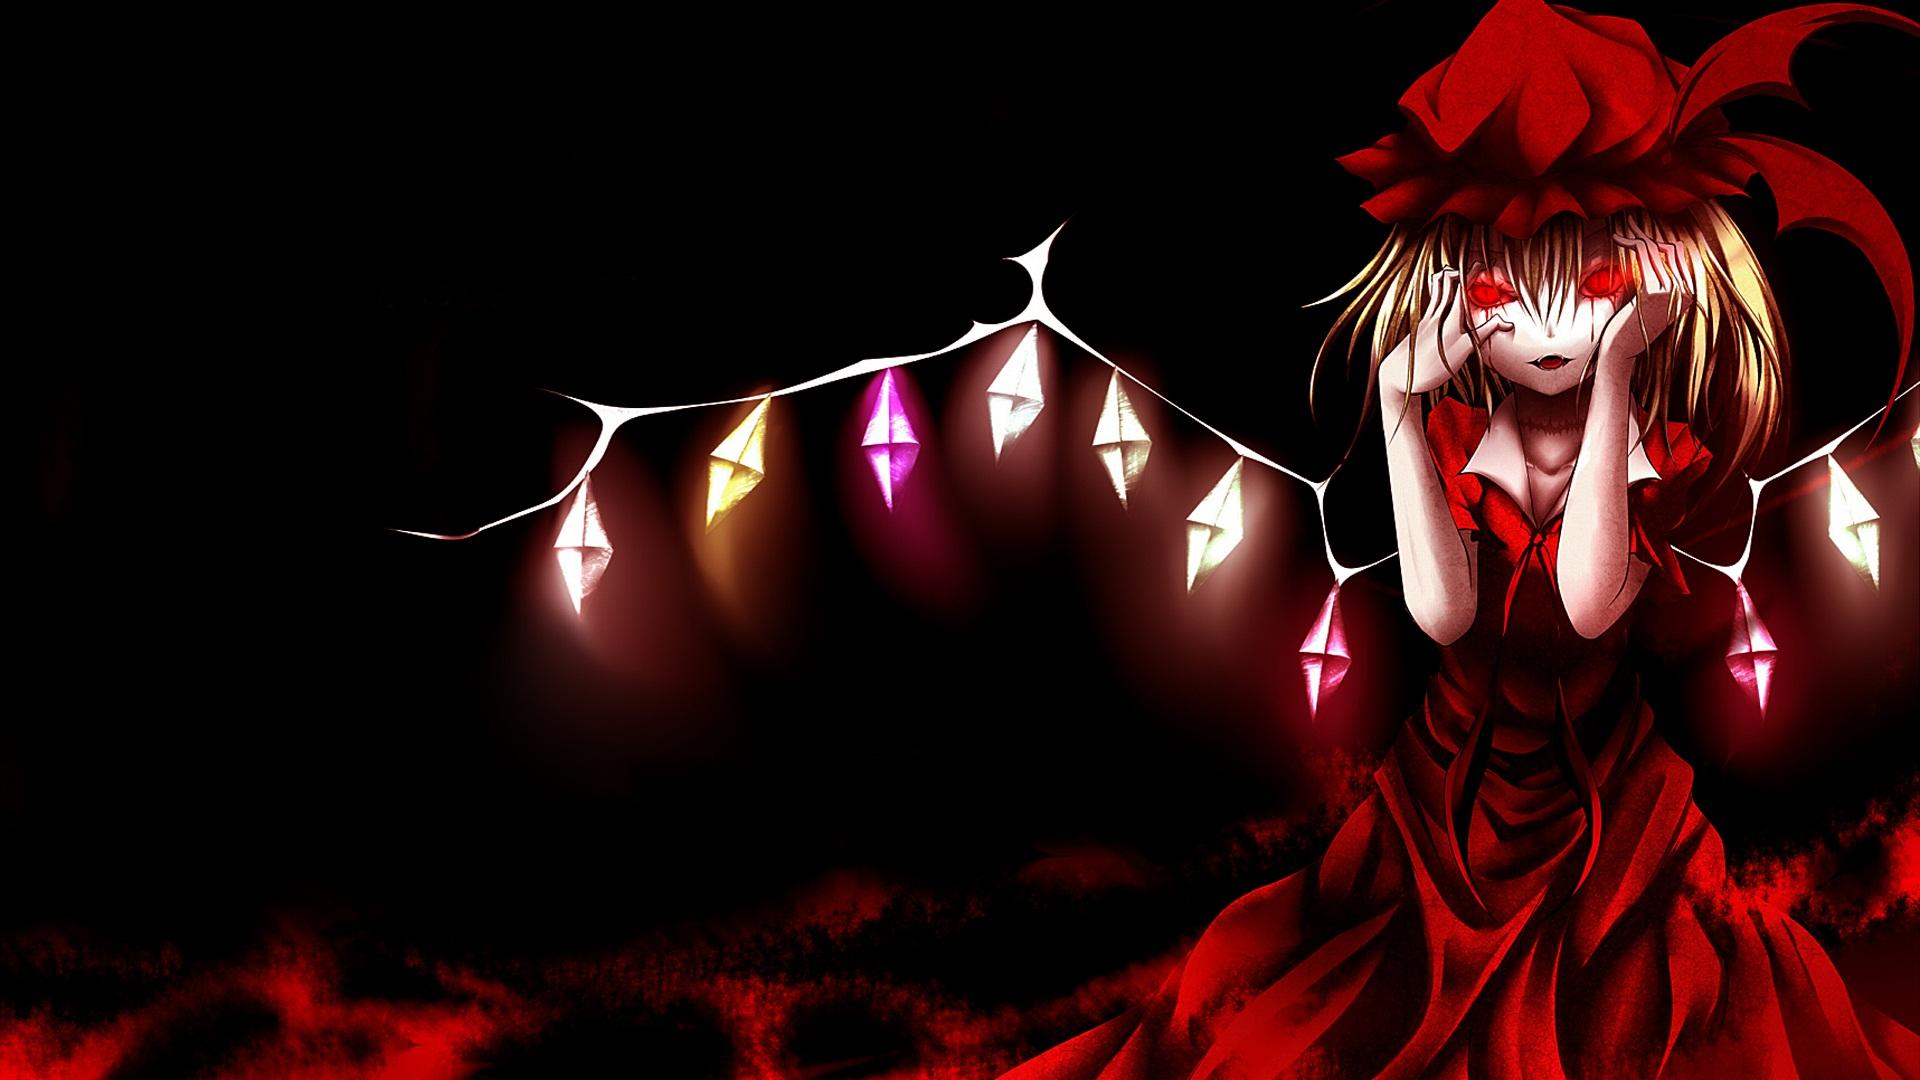 touhou flandre scarlet wallpaper - photo #22